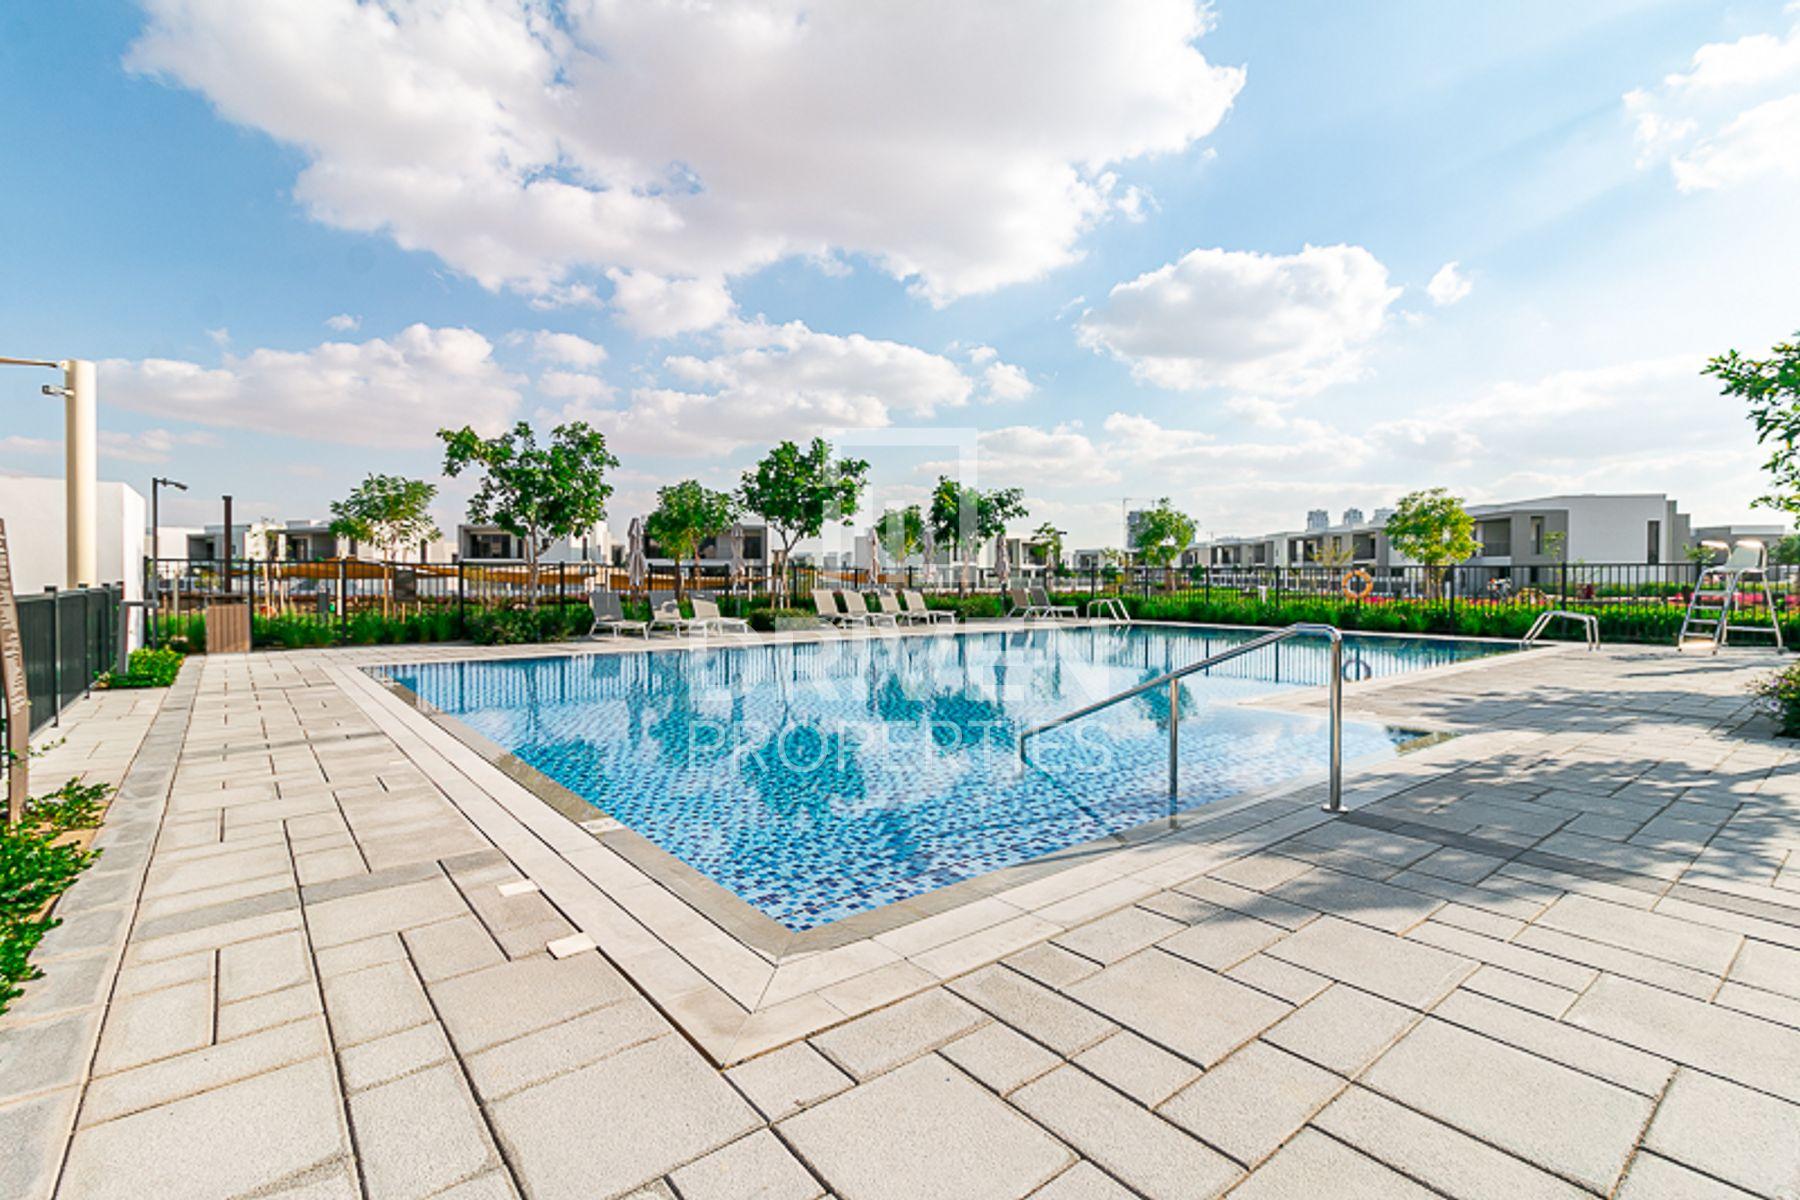 3,523 قدم مربع  فيلا - للبيع - دبي هيلز استيت